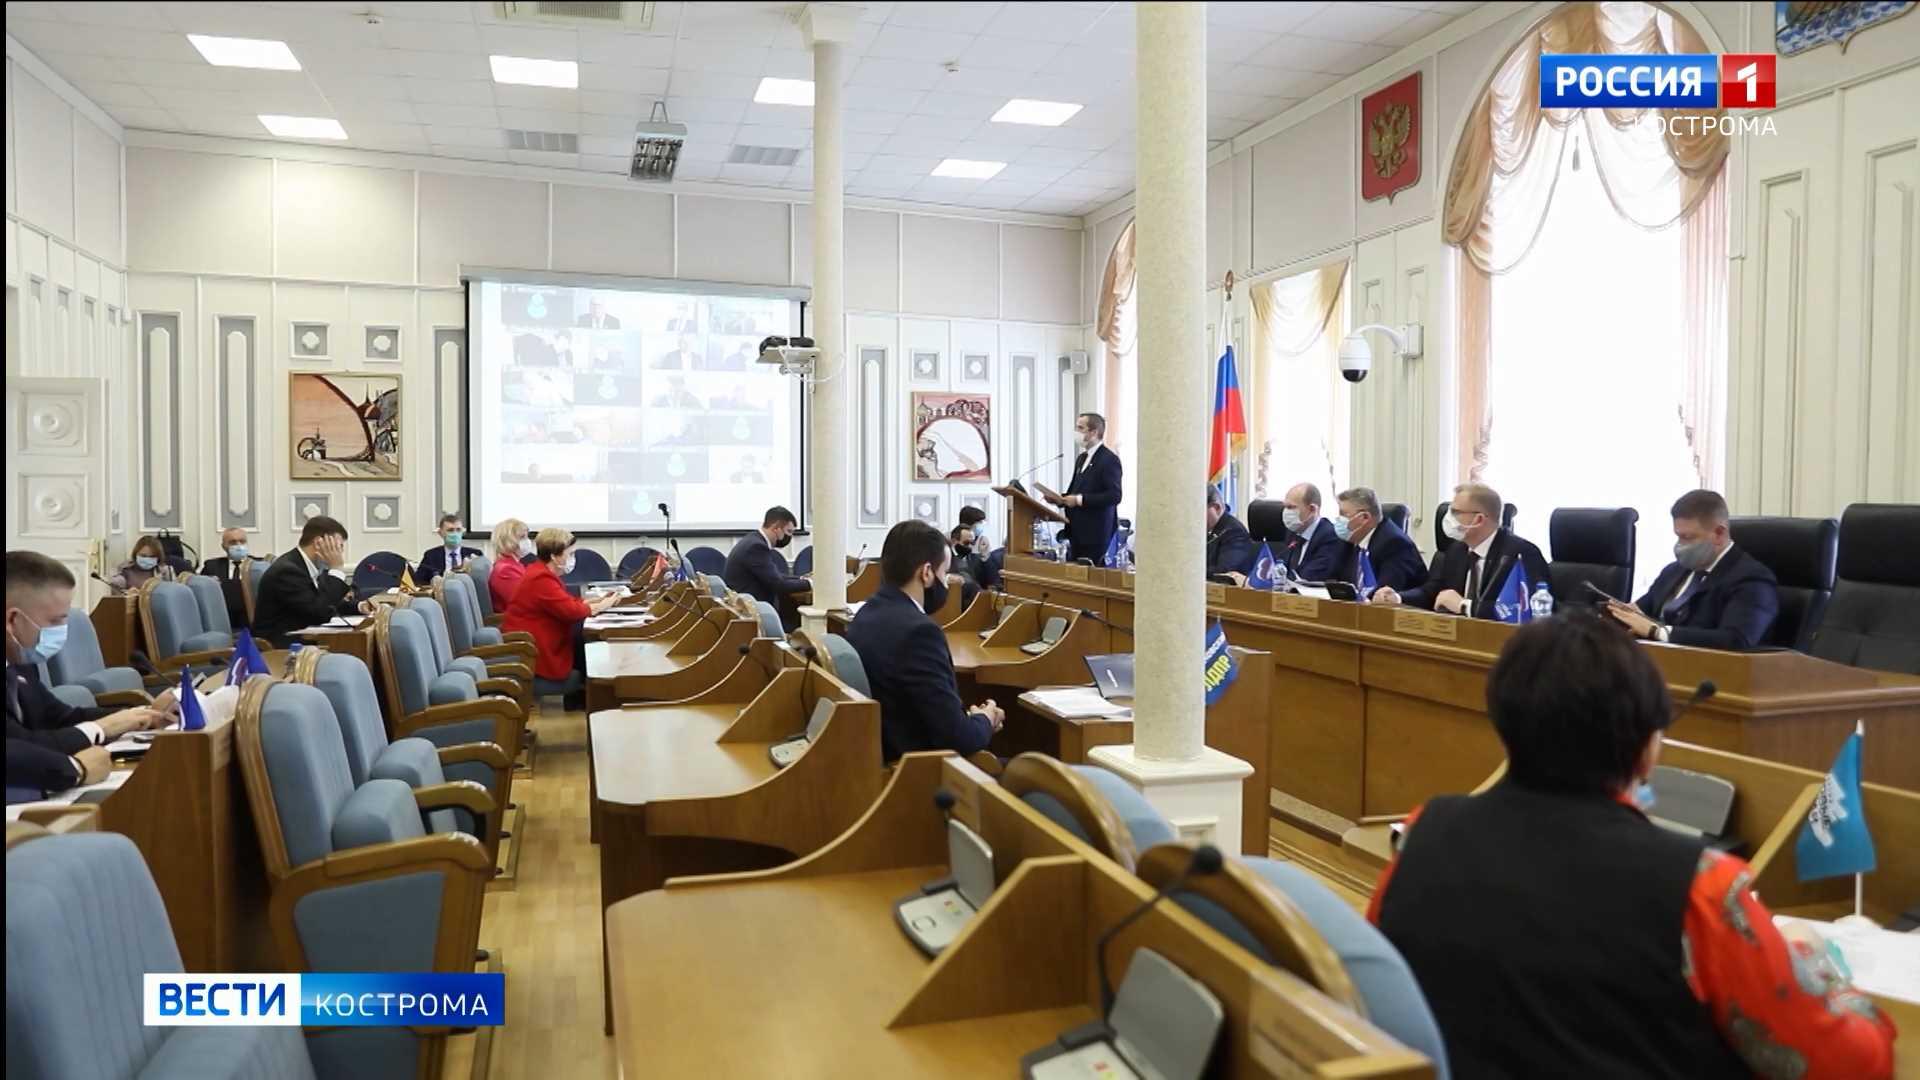 Костромская область увеличивает расходы на здравоохранение и газификацию